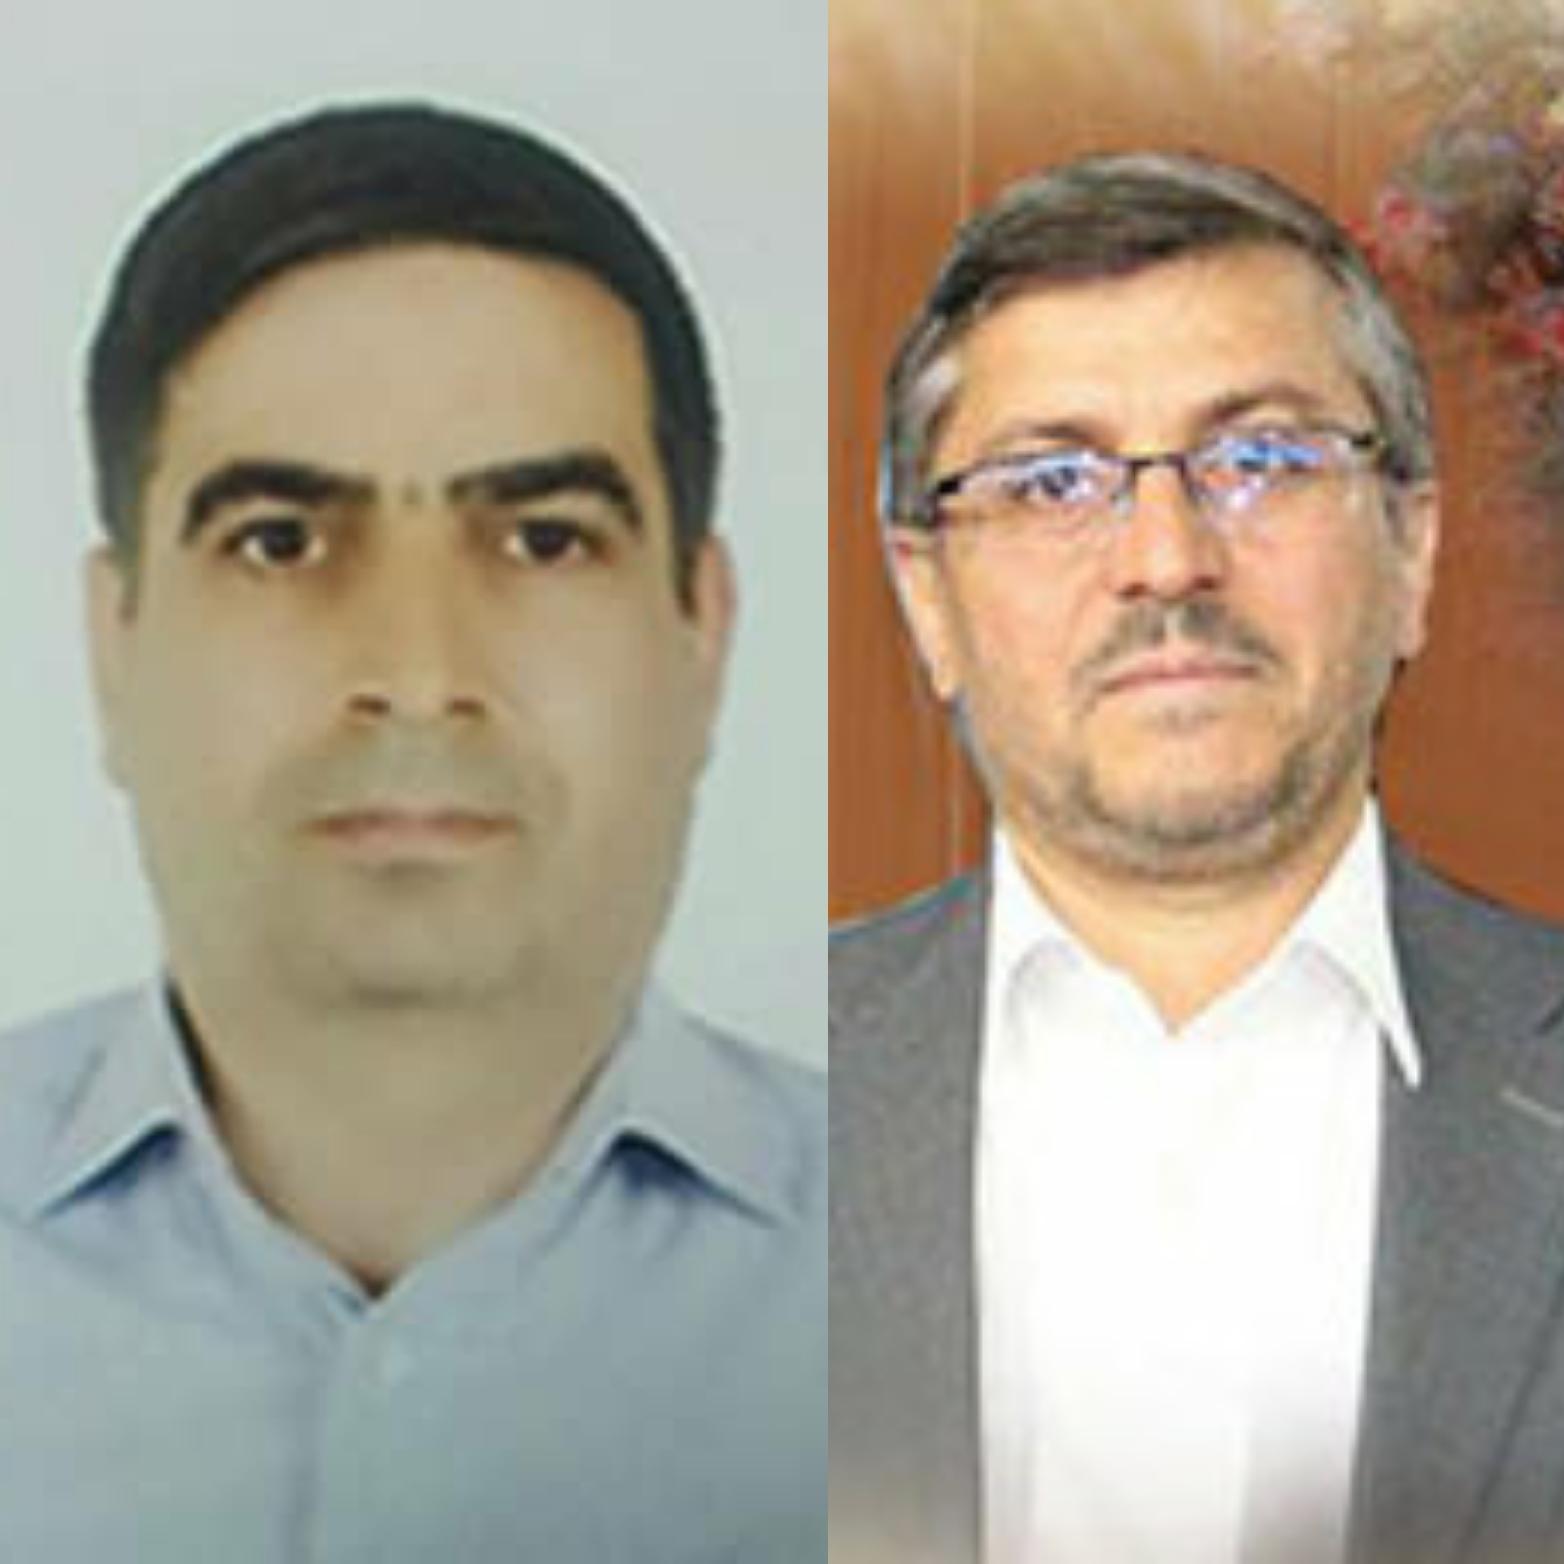 نامه یک عضو هیات علمی دانشگاه زنجان به رئیس دانشگاه علوم پزشکی استان